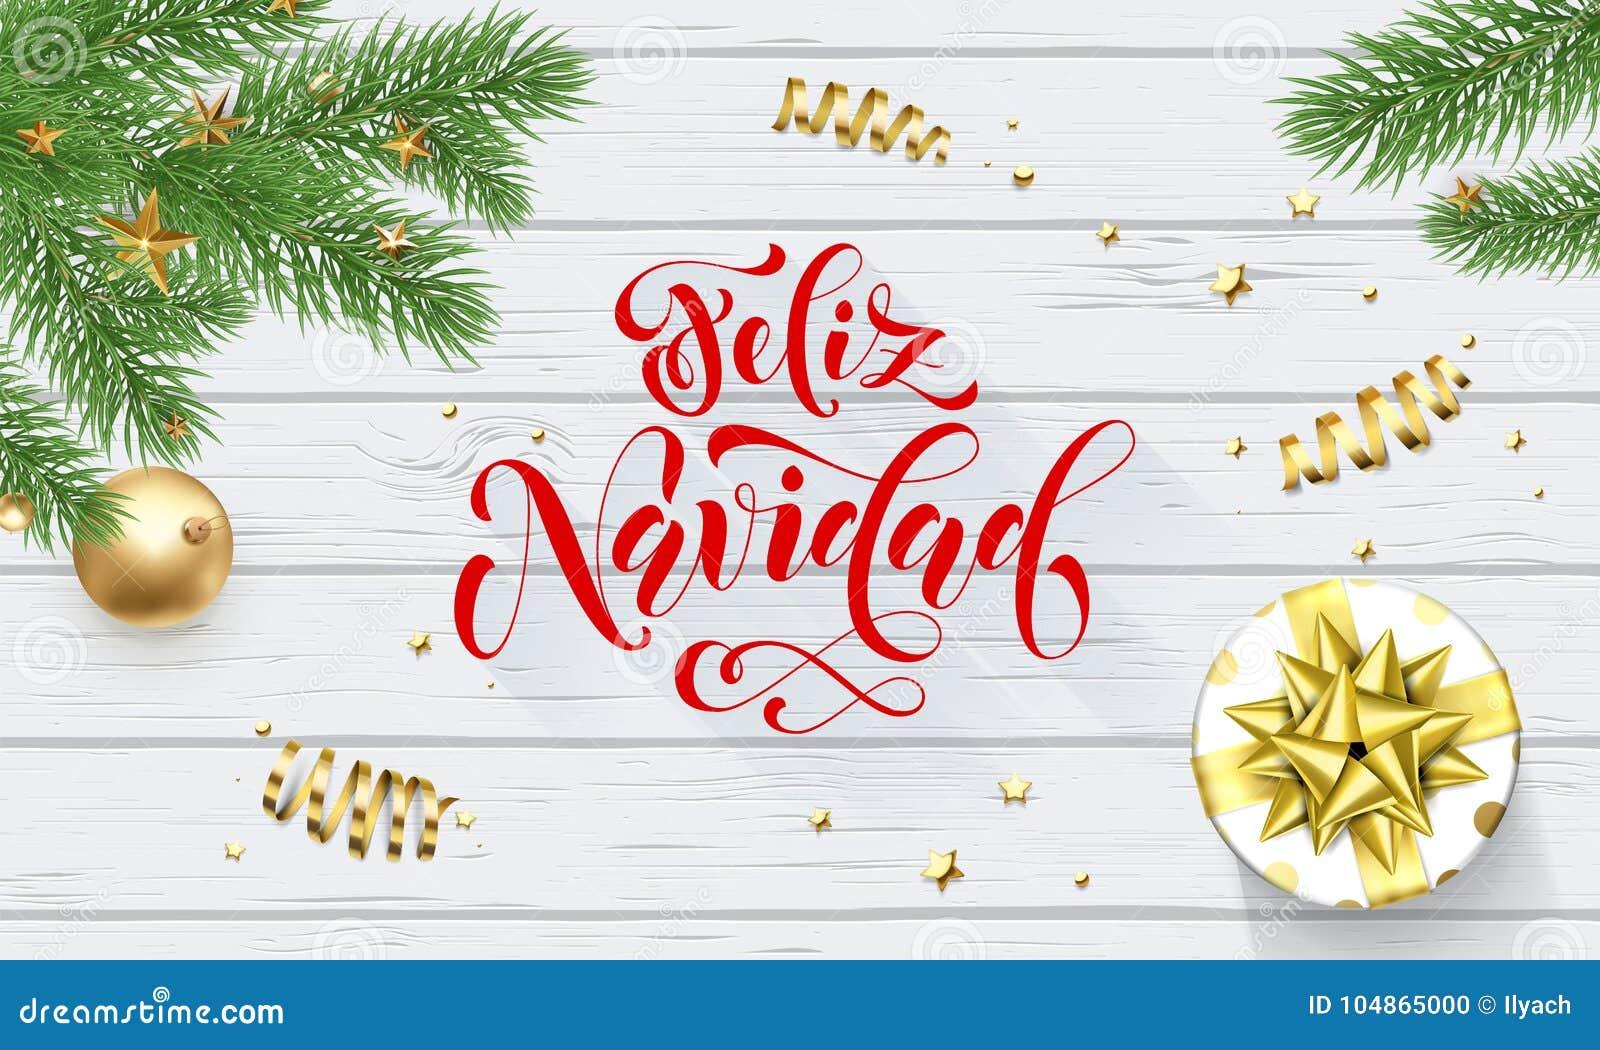 Decoración de oro del día de fiesta de Feliz Navidad Spanish Merry Christmas en el árbol de Navidad, fuente de la caligrafía para